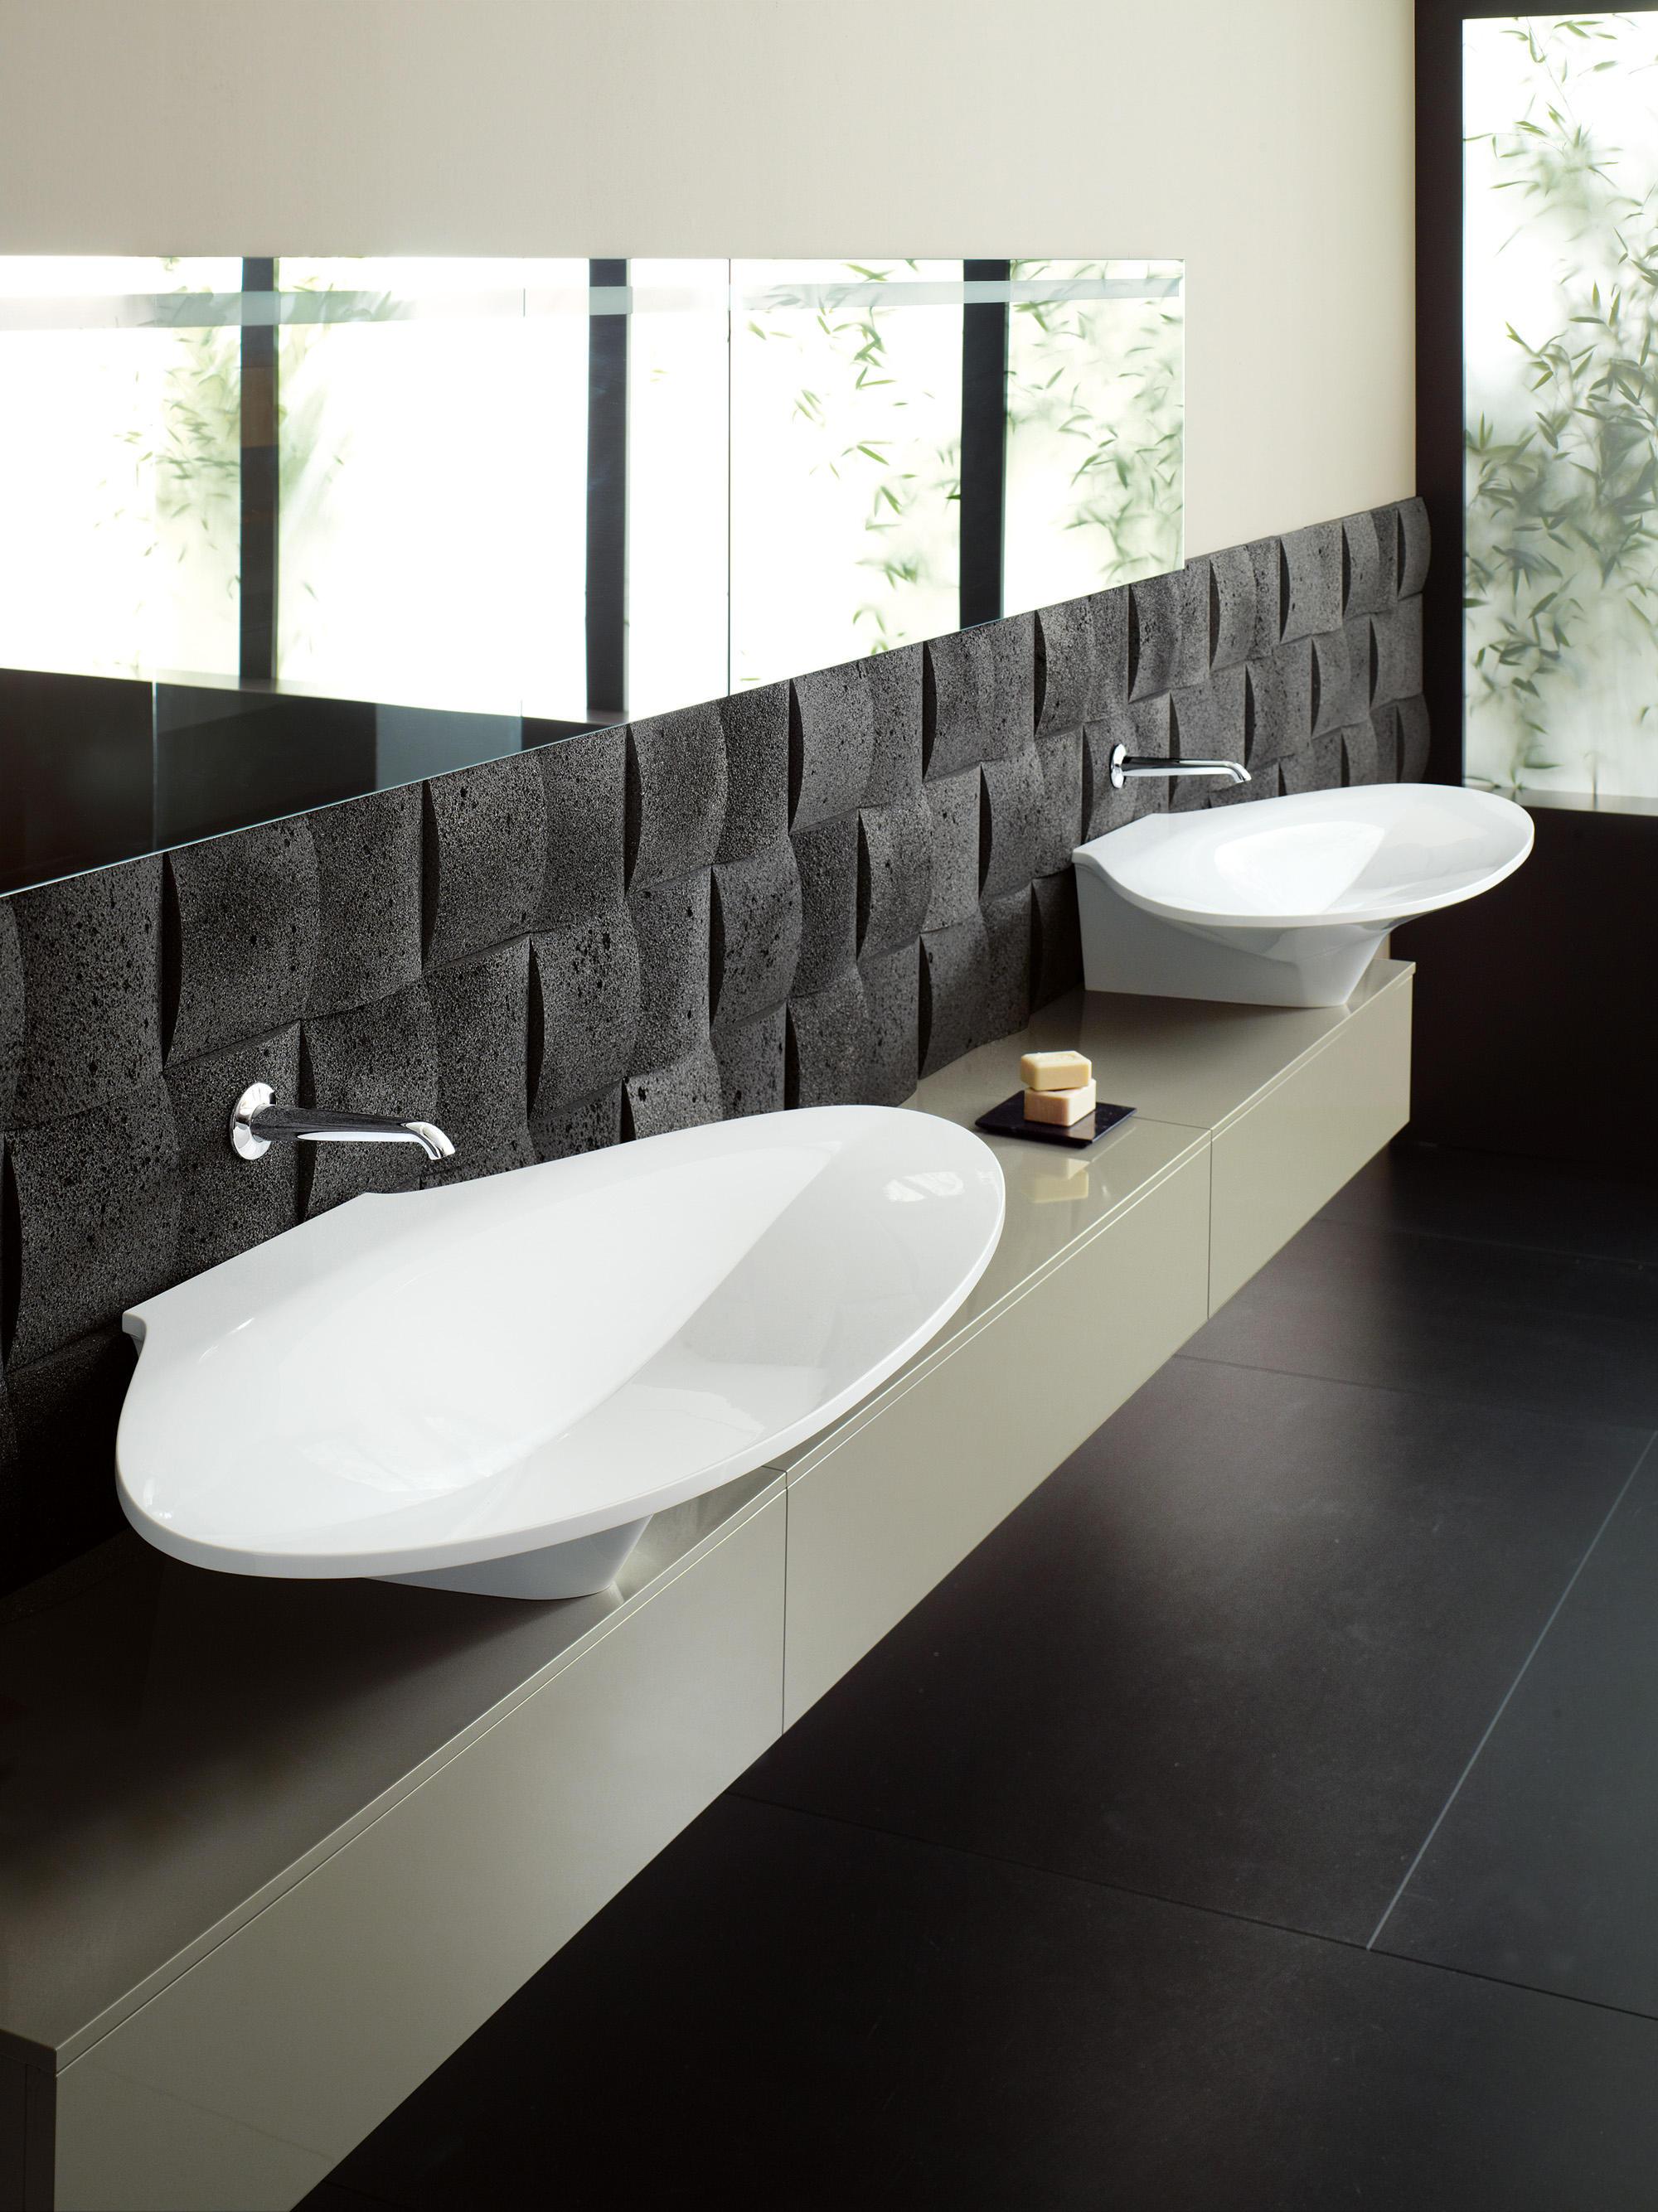 pli colonne meubles muraux salle de bain de burgbad architonic. Black Bedroom Furniture Sets. Home Design Ideas